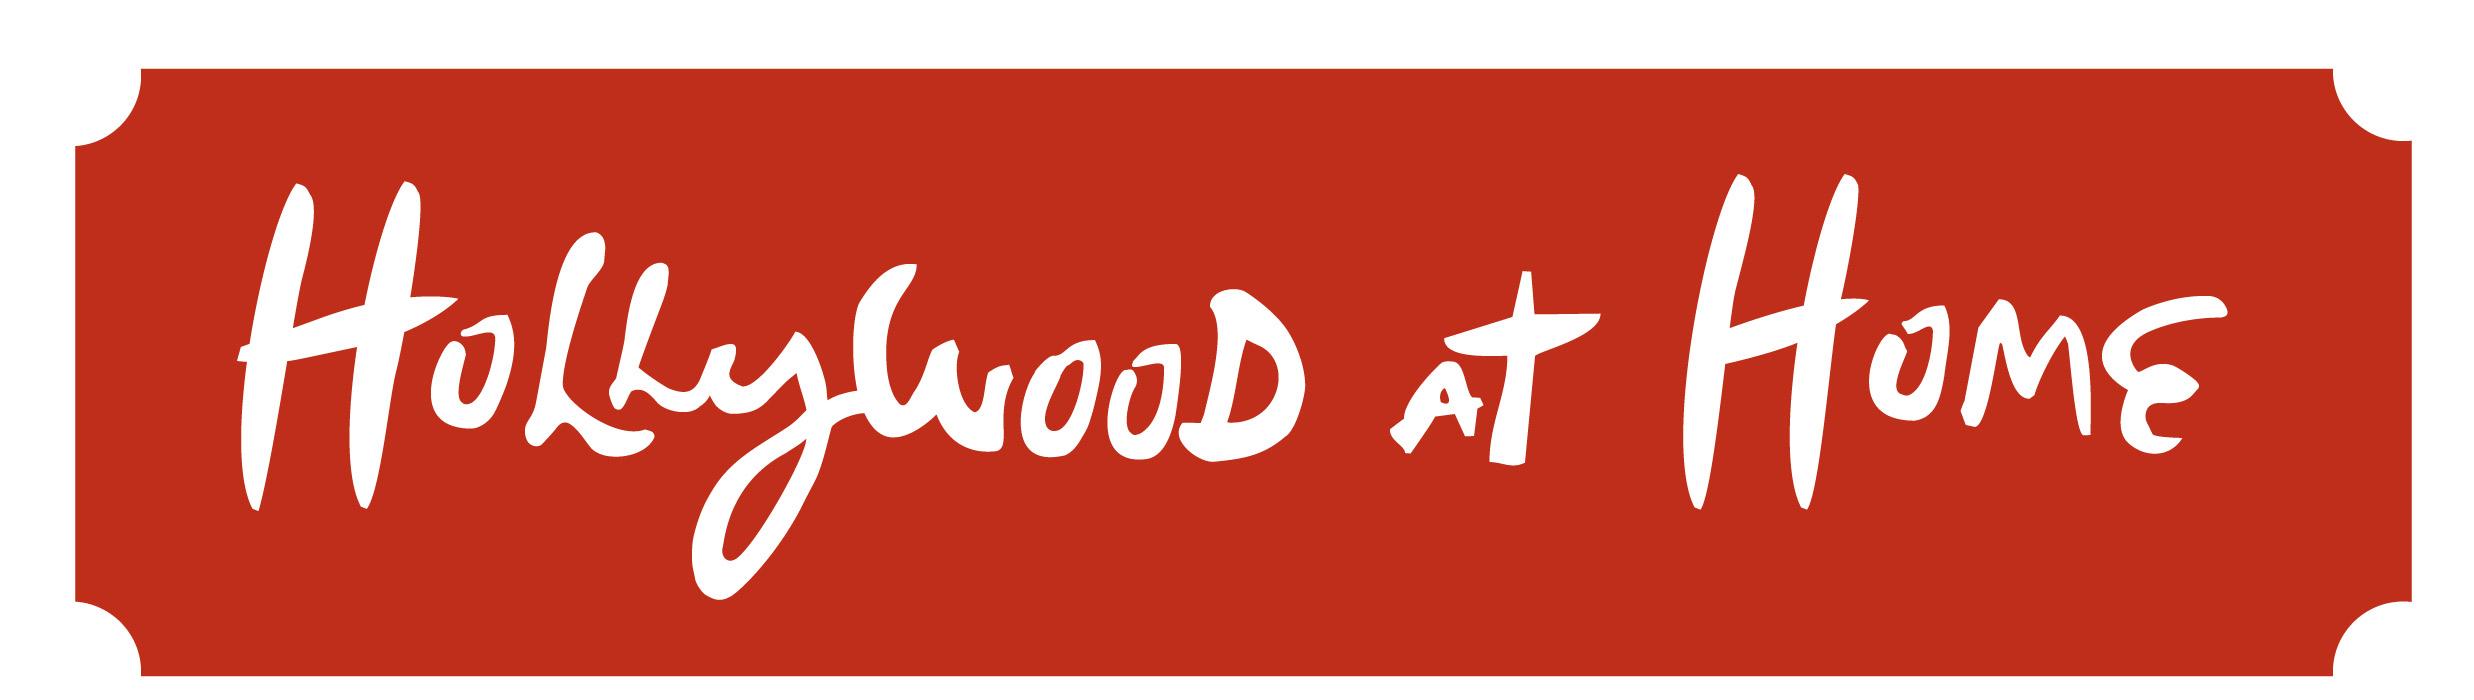 Hollywood-at-Home-logo.jpg